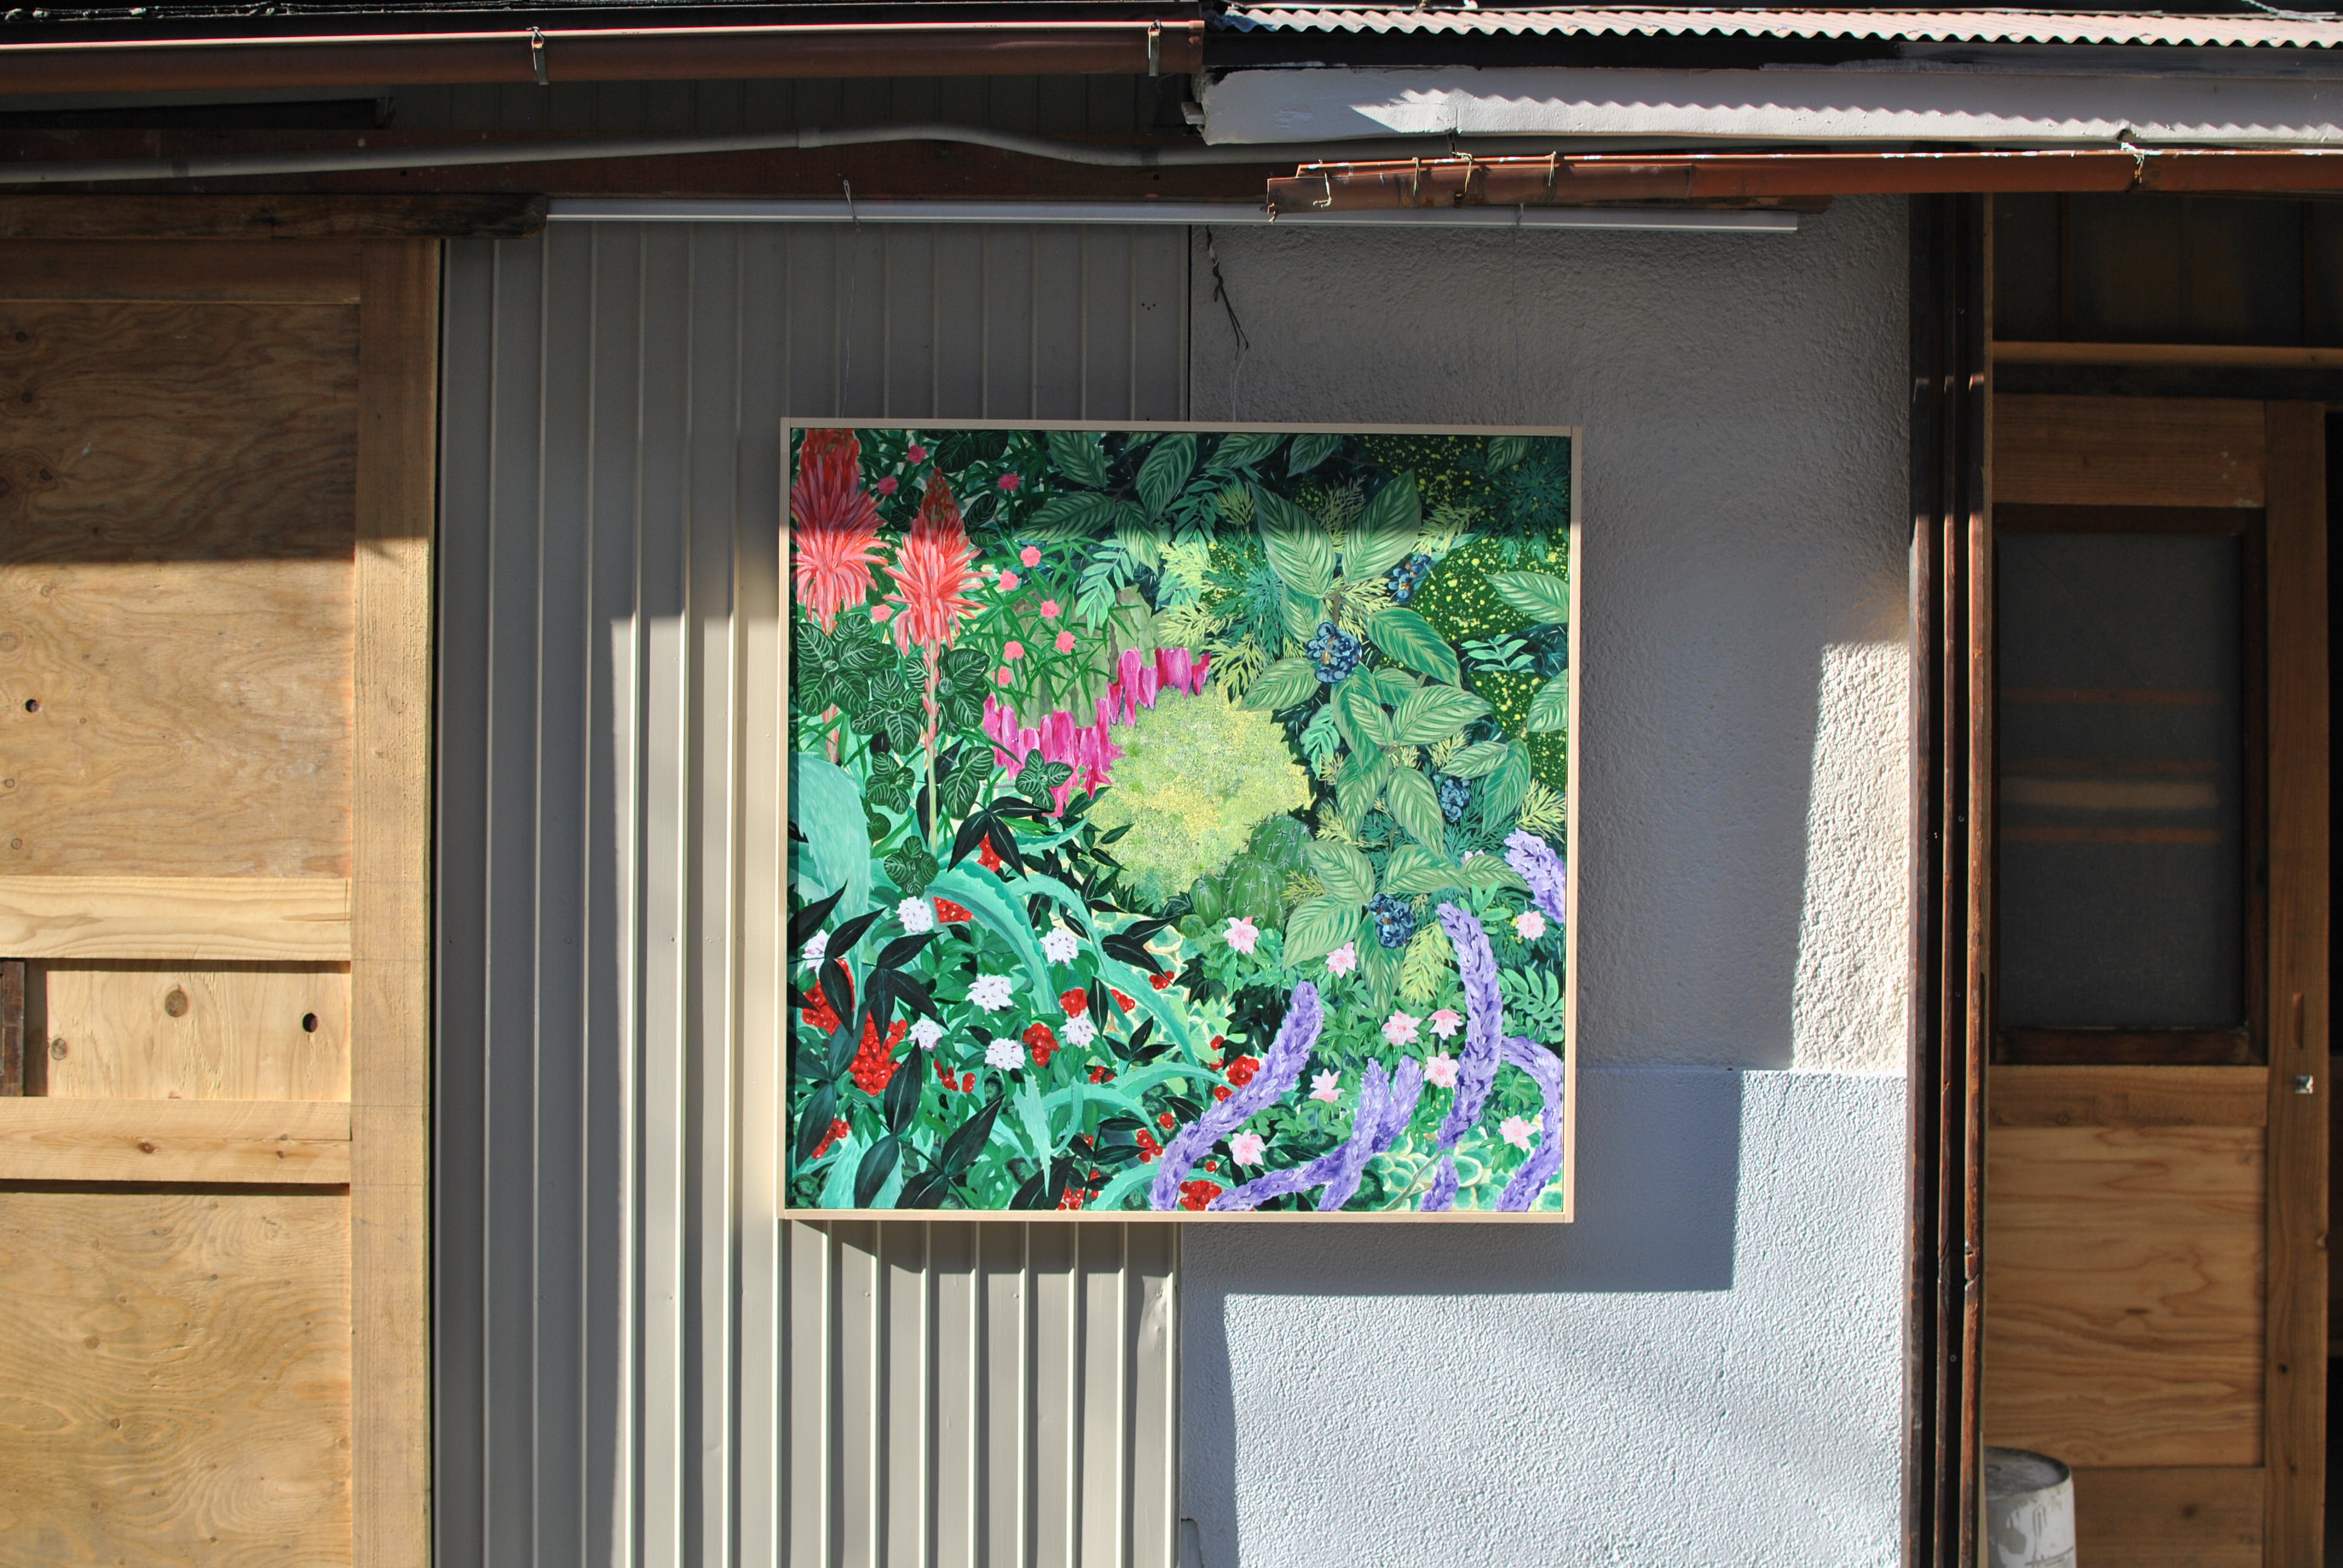 みんなみにいく展覧会みなみくエキシビション/Atelier  H